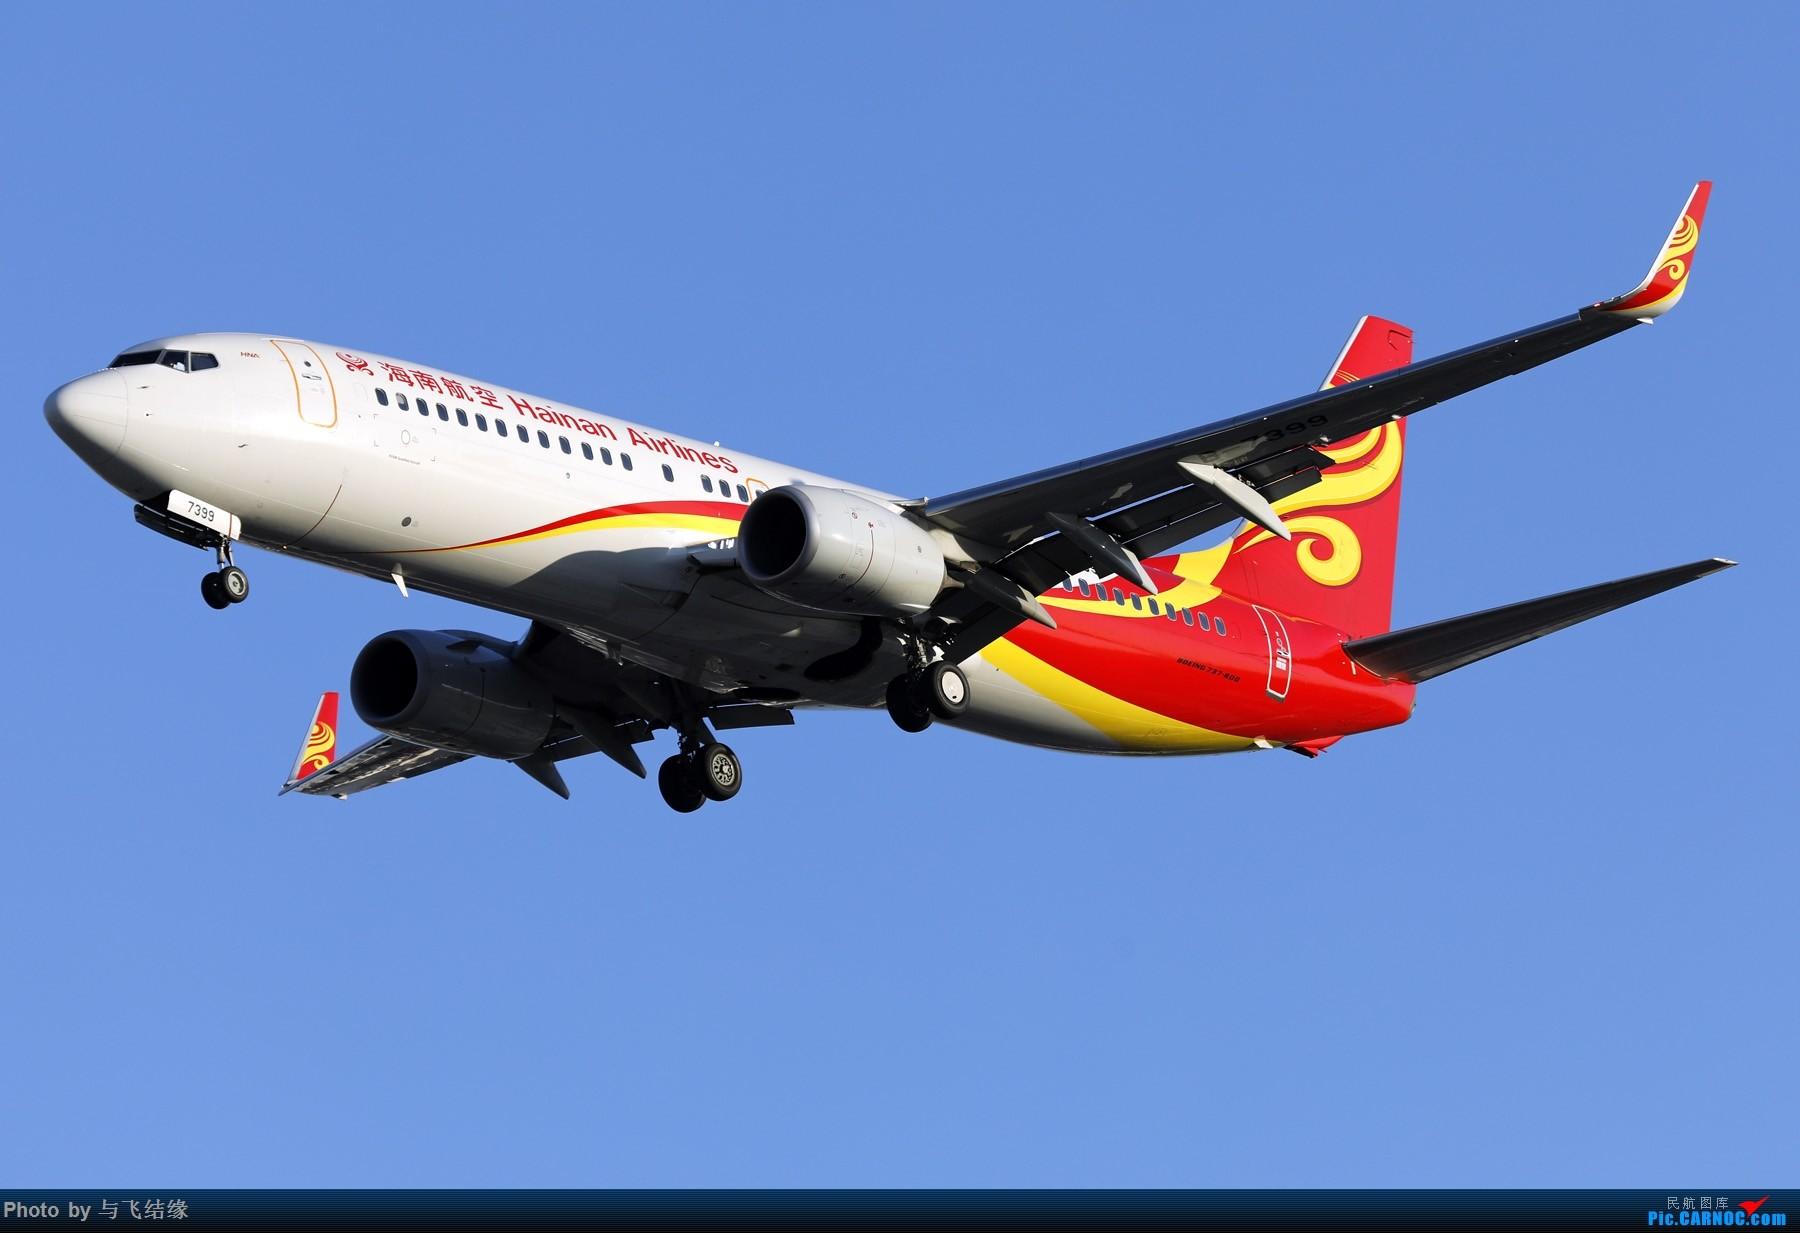 """Re:[原创]农历三十再发一贴,祝朋友们新年""""猪""""事顺利,吉祥如意! BOEING 737-800 B-7399 中国北京首都国际机场"""